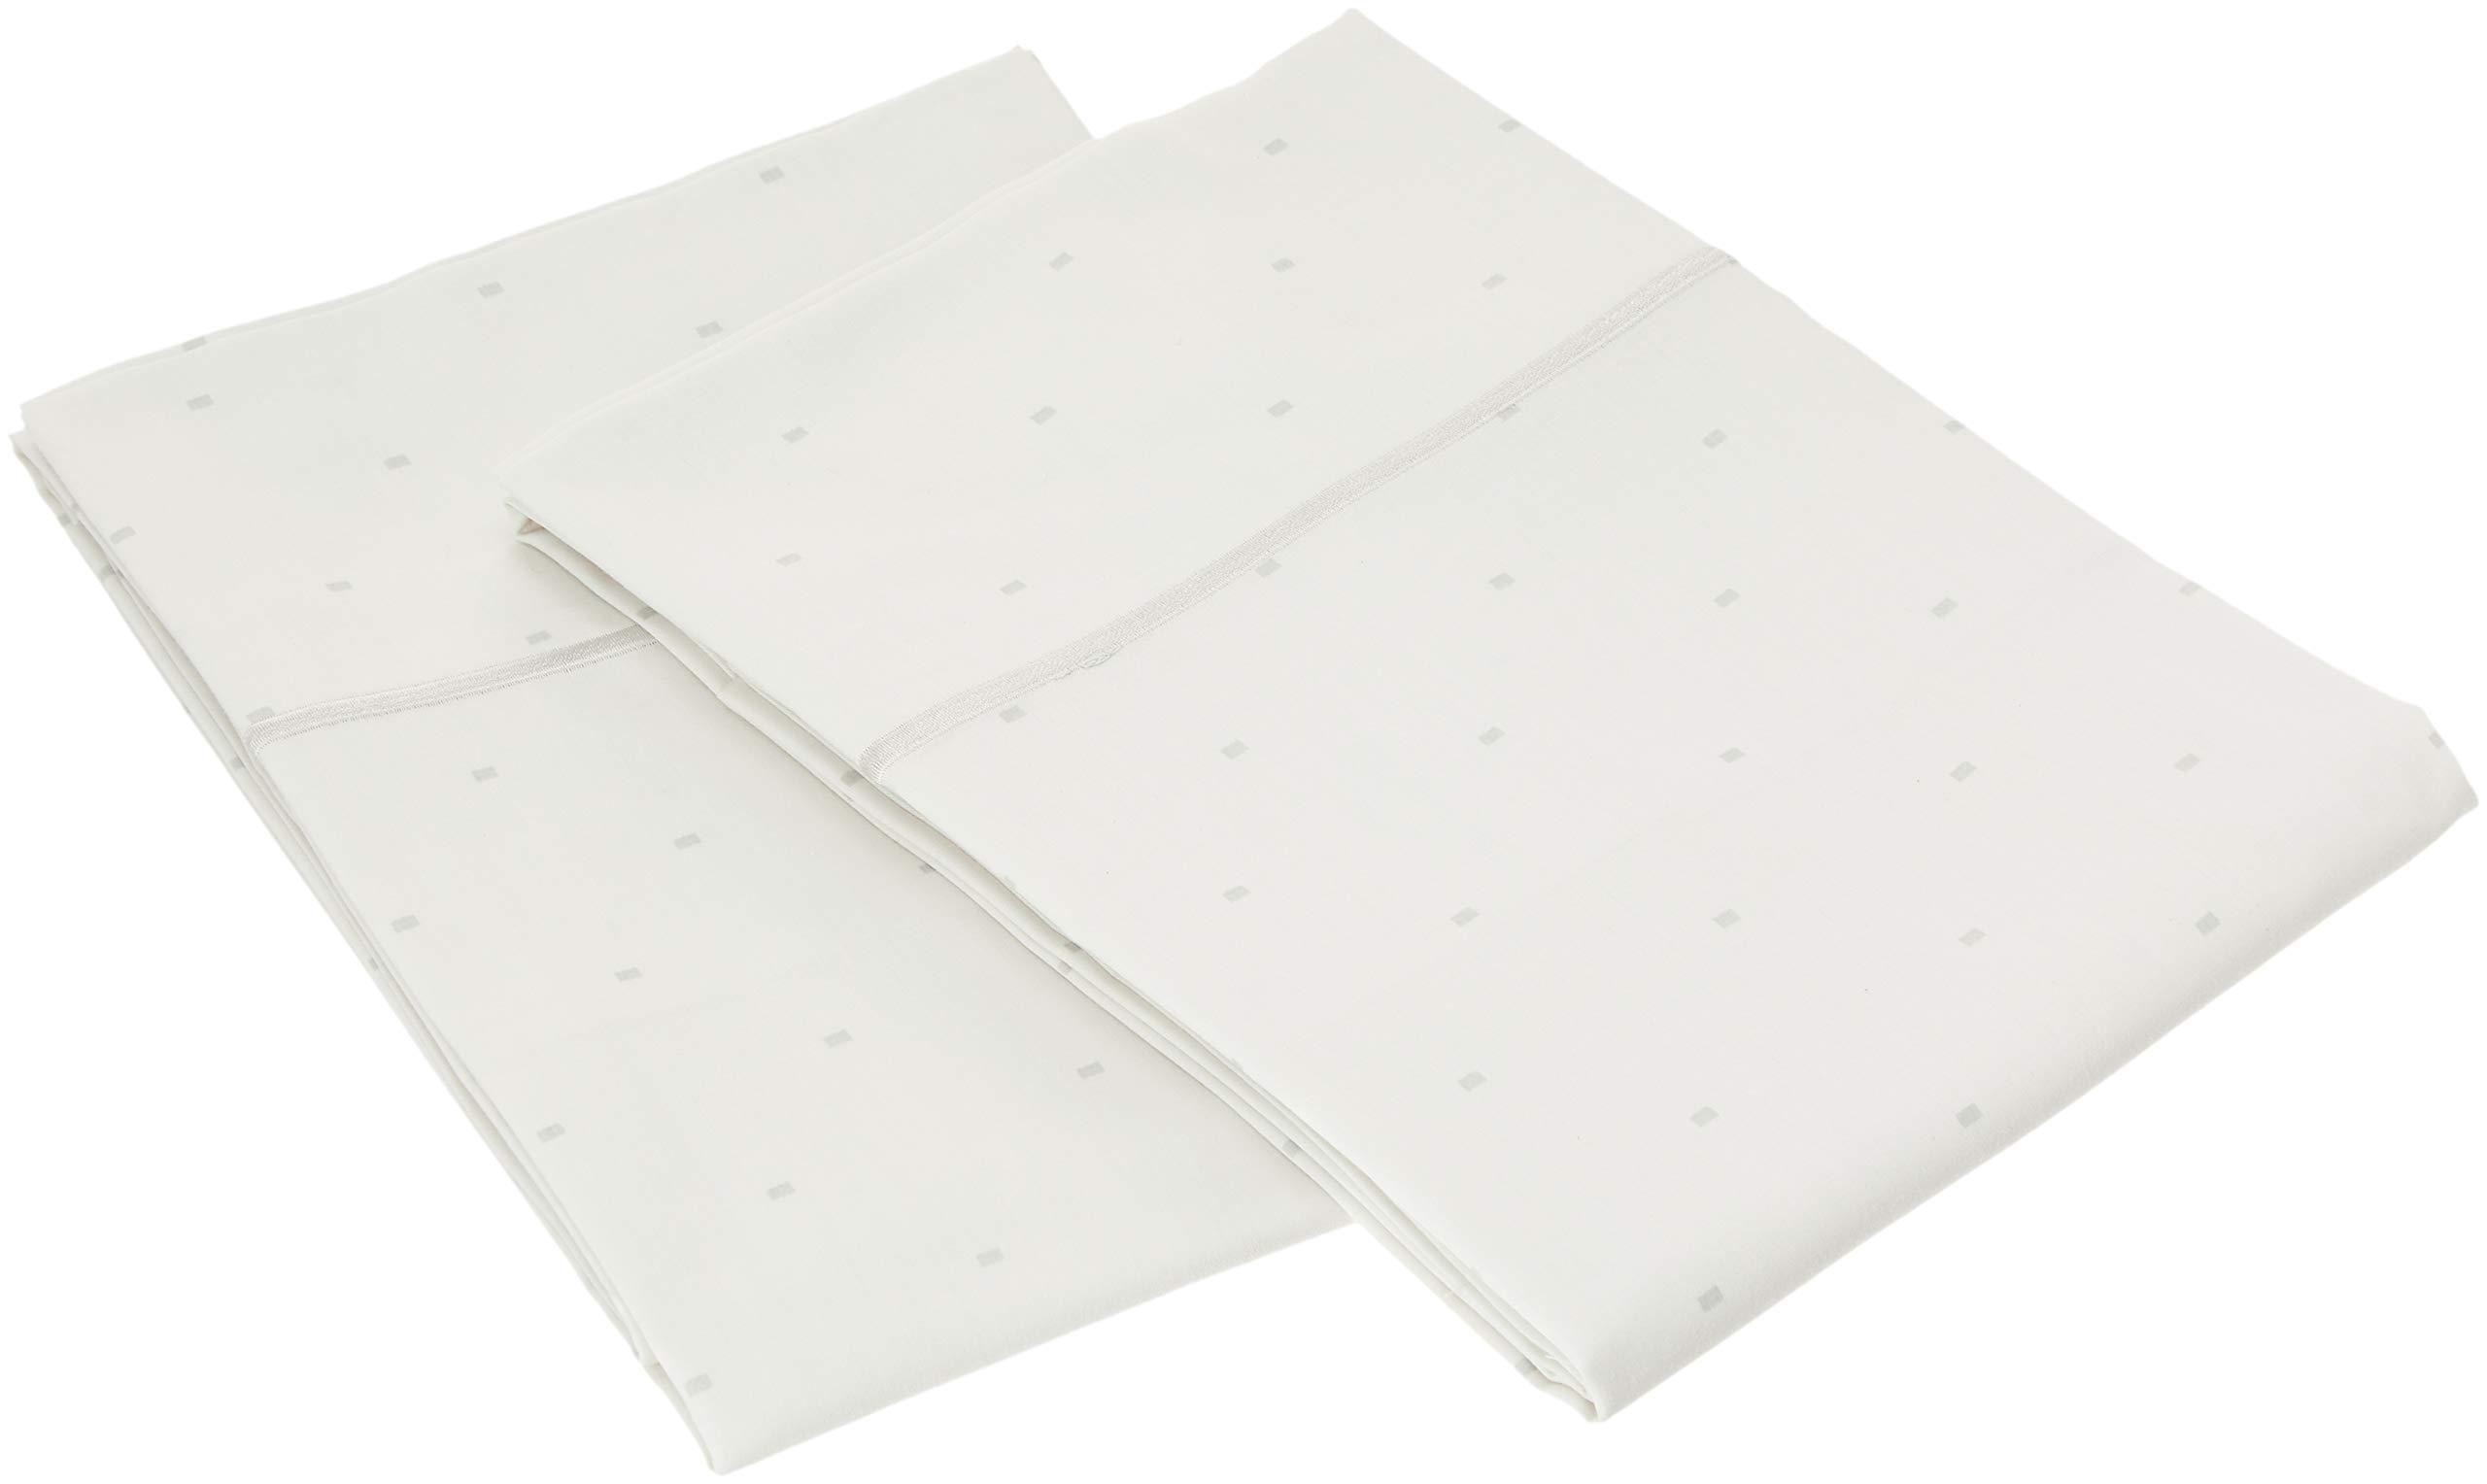 Charisma 310 Thread Count Classic Dot Cotton Sateen King Pillowcase Pair in Dawn Blue